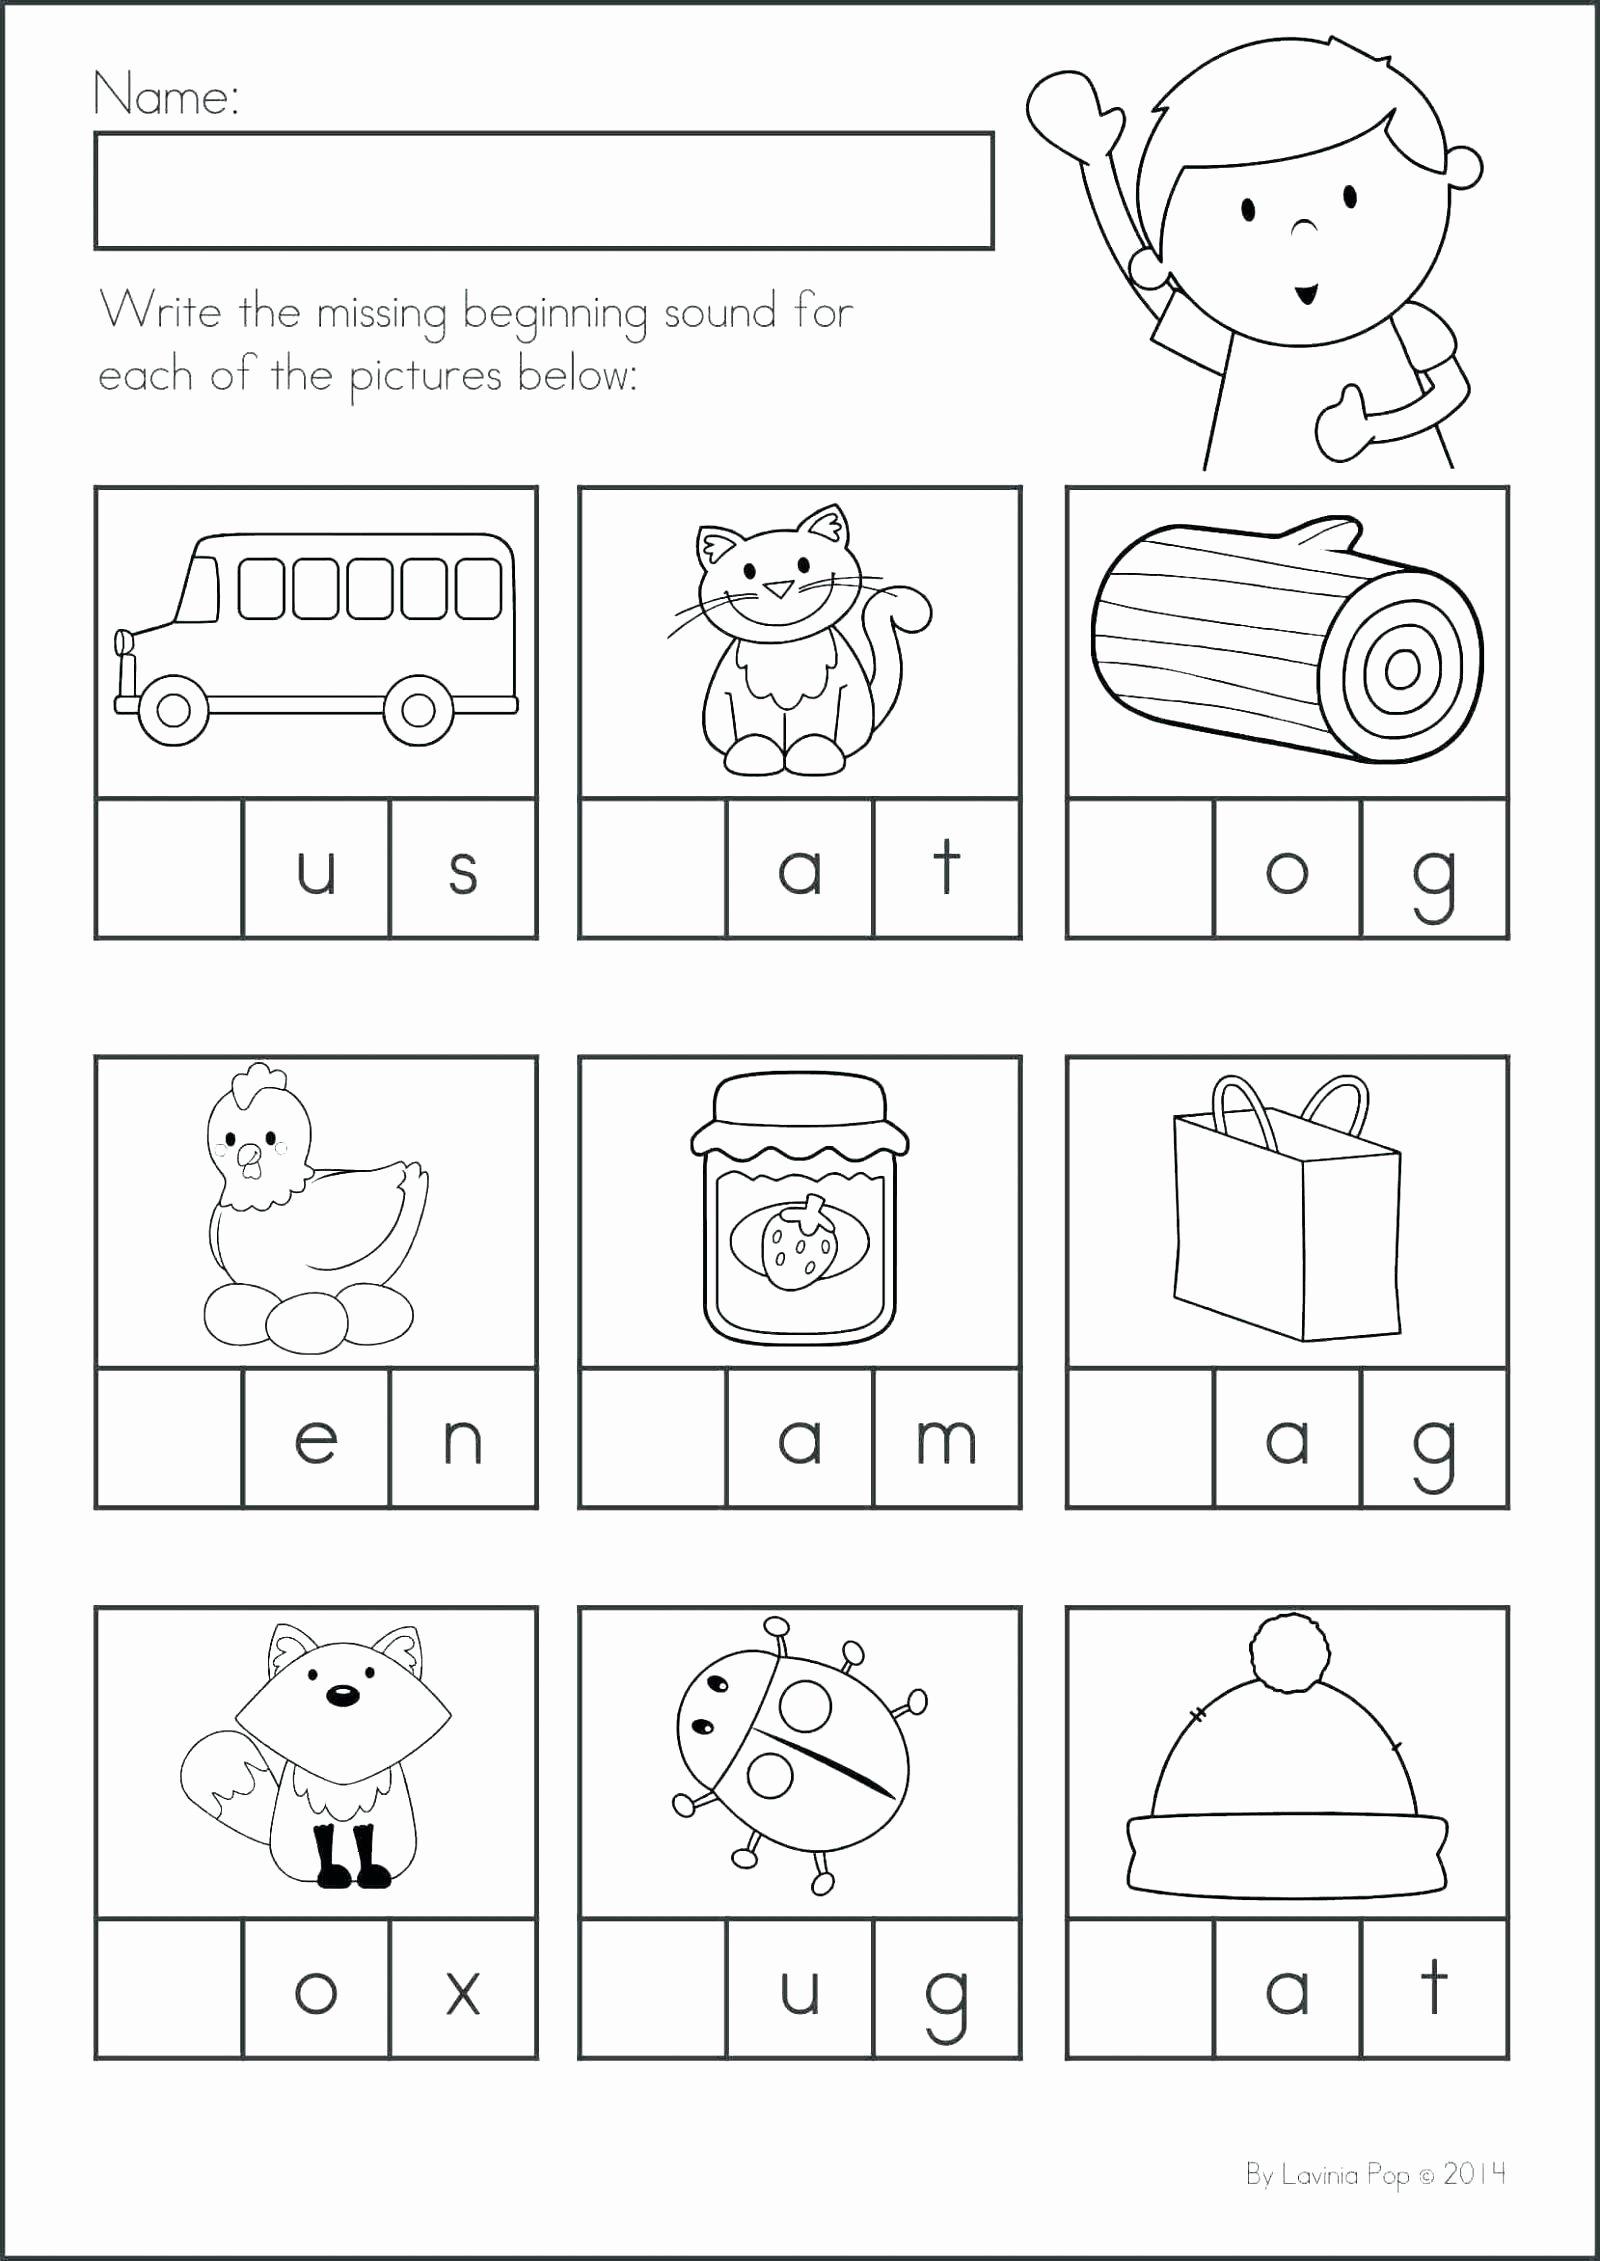 Letter A sound Worksheets for Preschoolers Kids 47 Preschool Worksheets Letters Beginning sounds